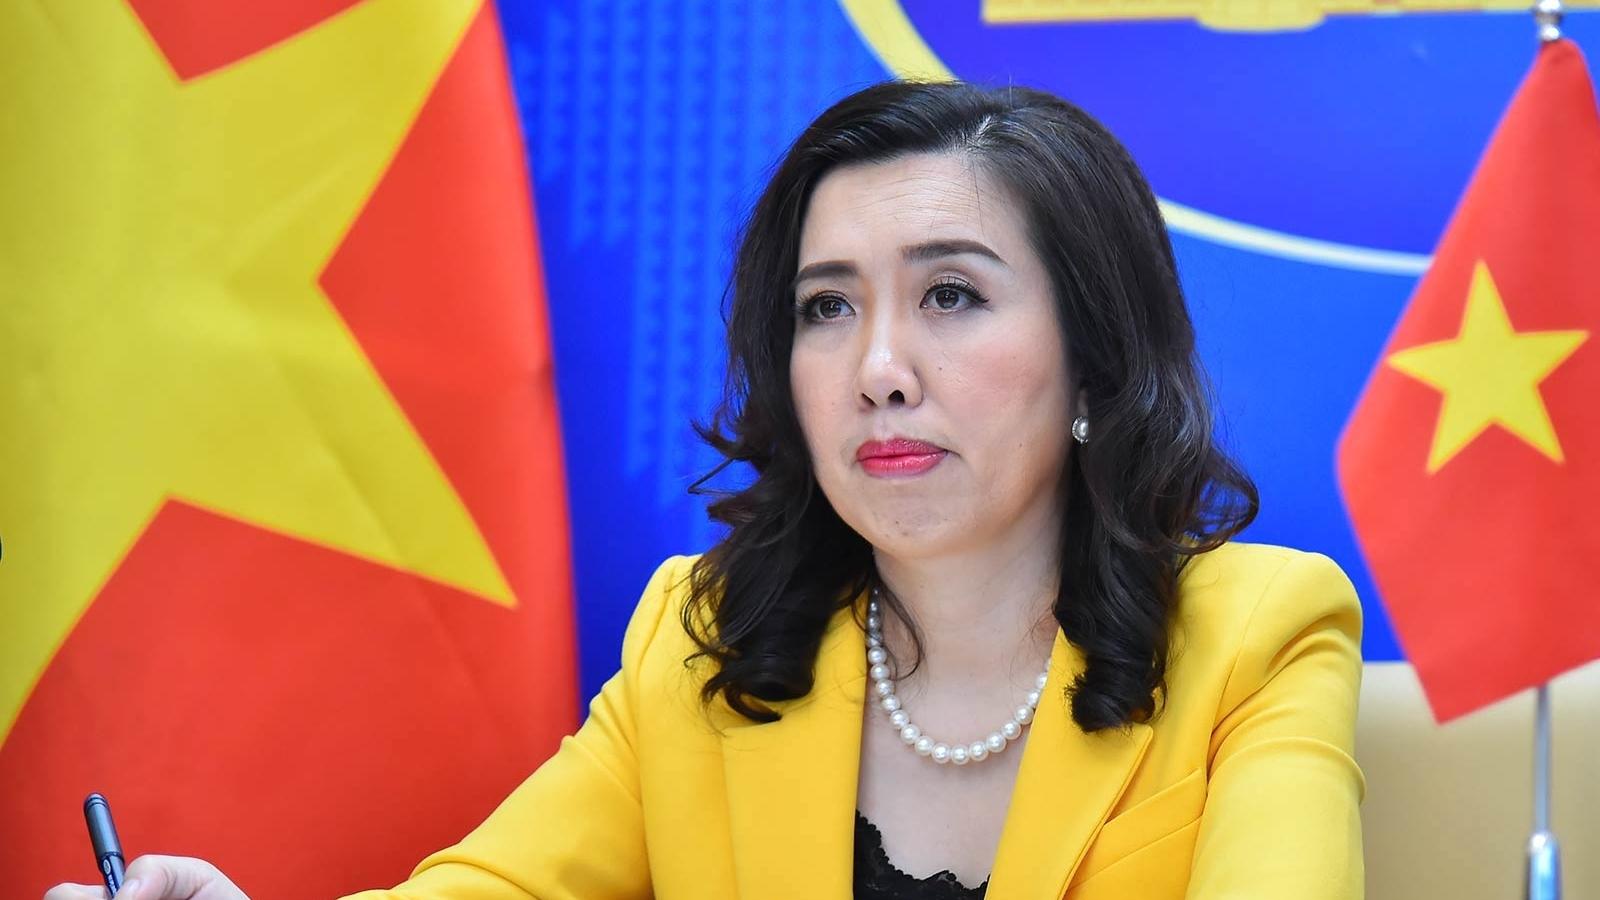 Báo cáo nhân quyền của EU còn một số nội dung chưa khách quan về Việt Nam